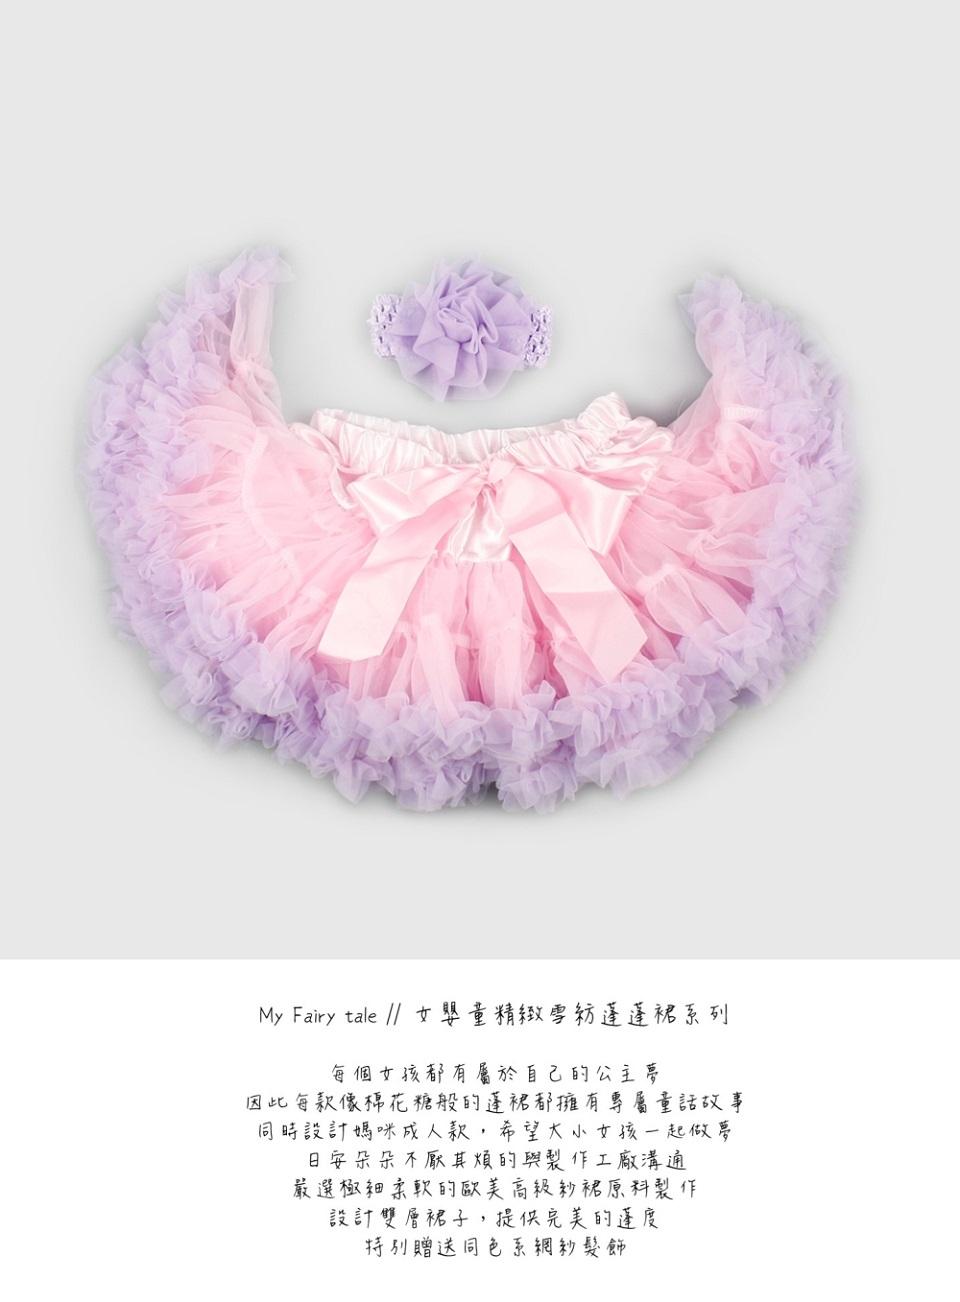 日安朵朵 女嬰童蓬蓬裙夢幻禮盒 - 拇指姑娘 6-7歲(110cm)[預購]